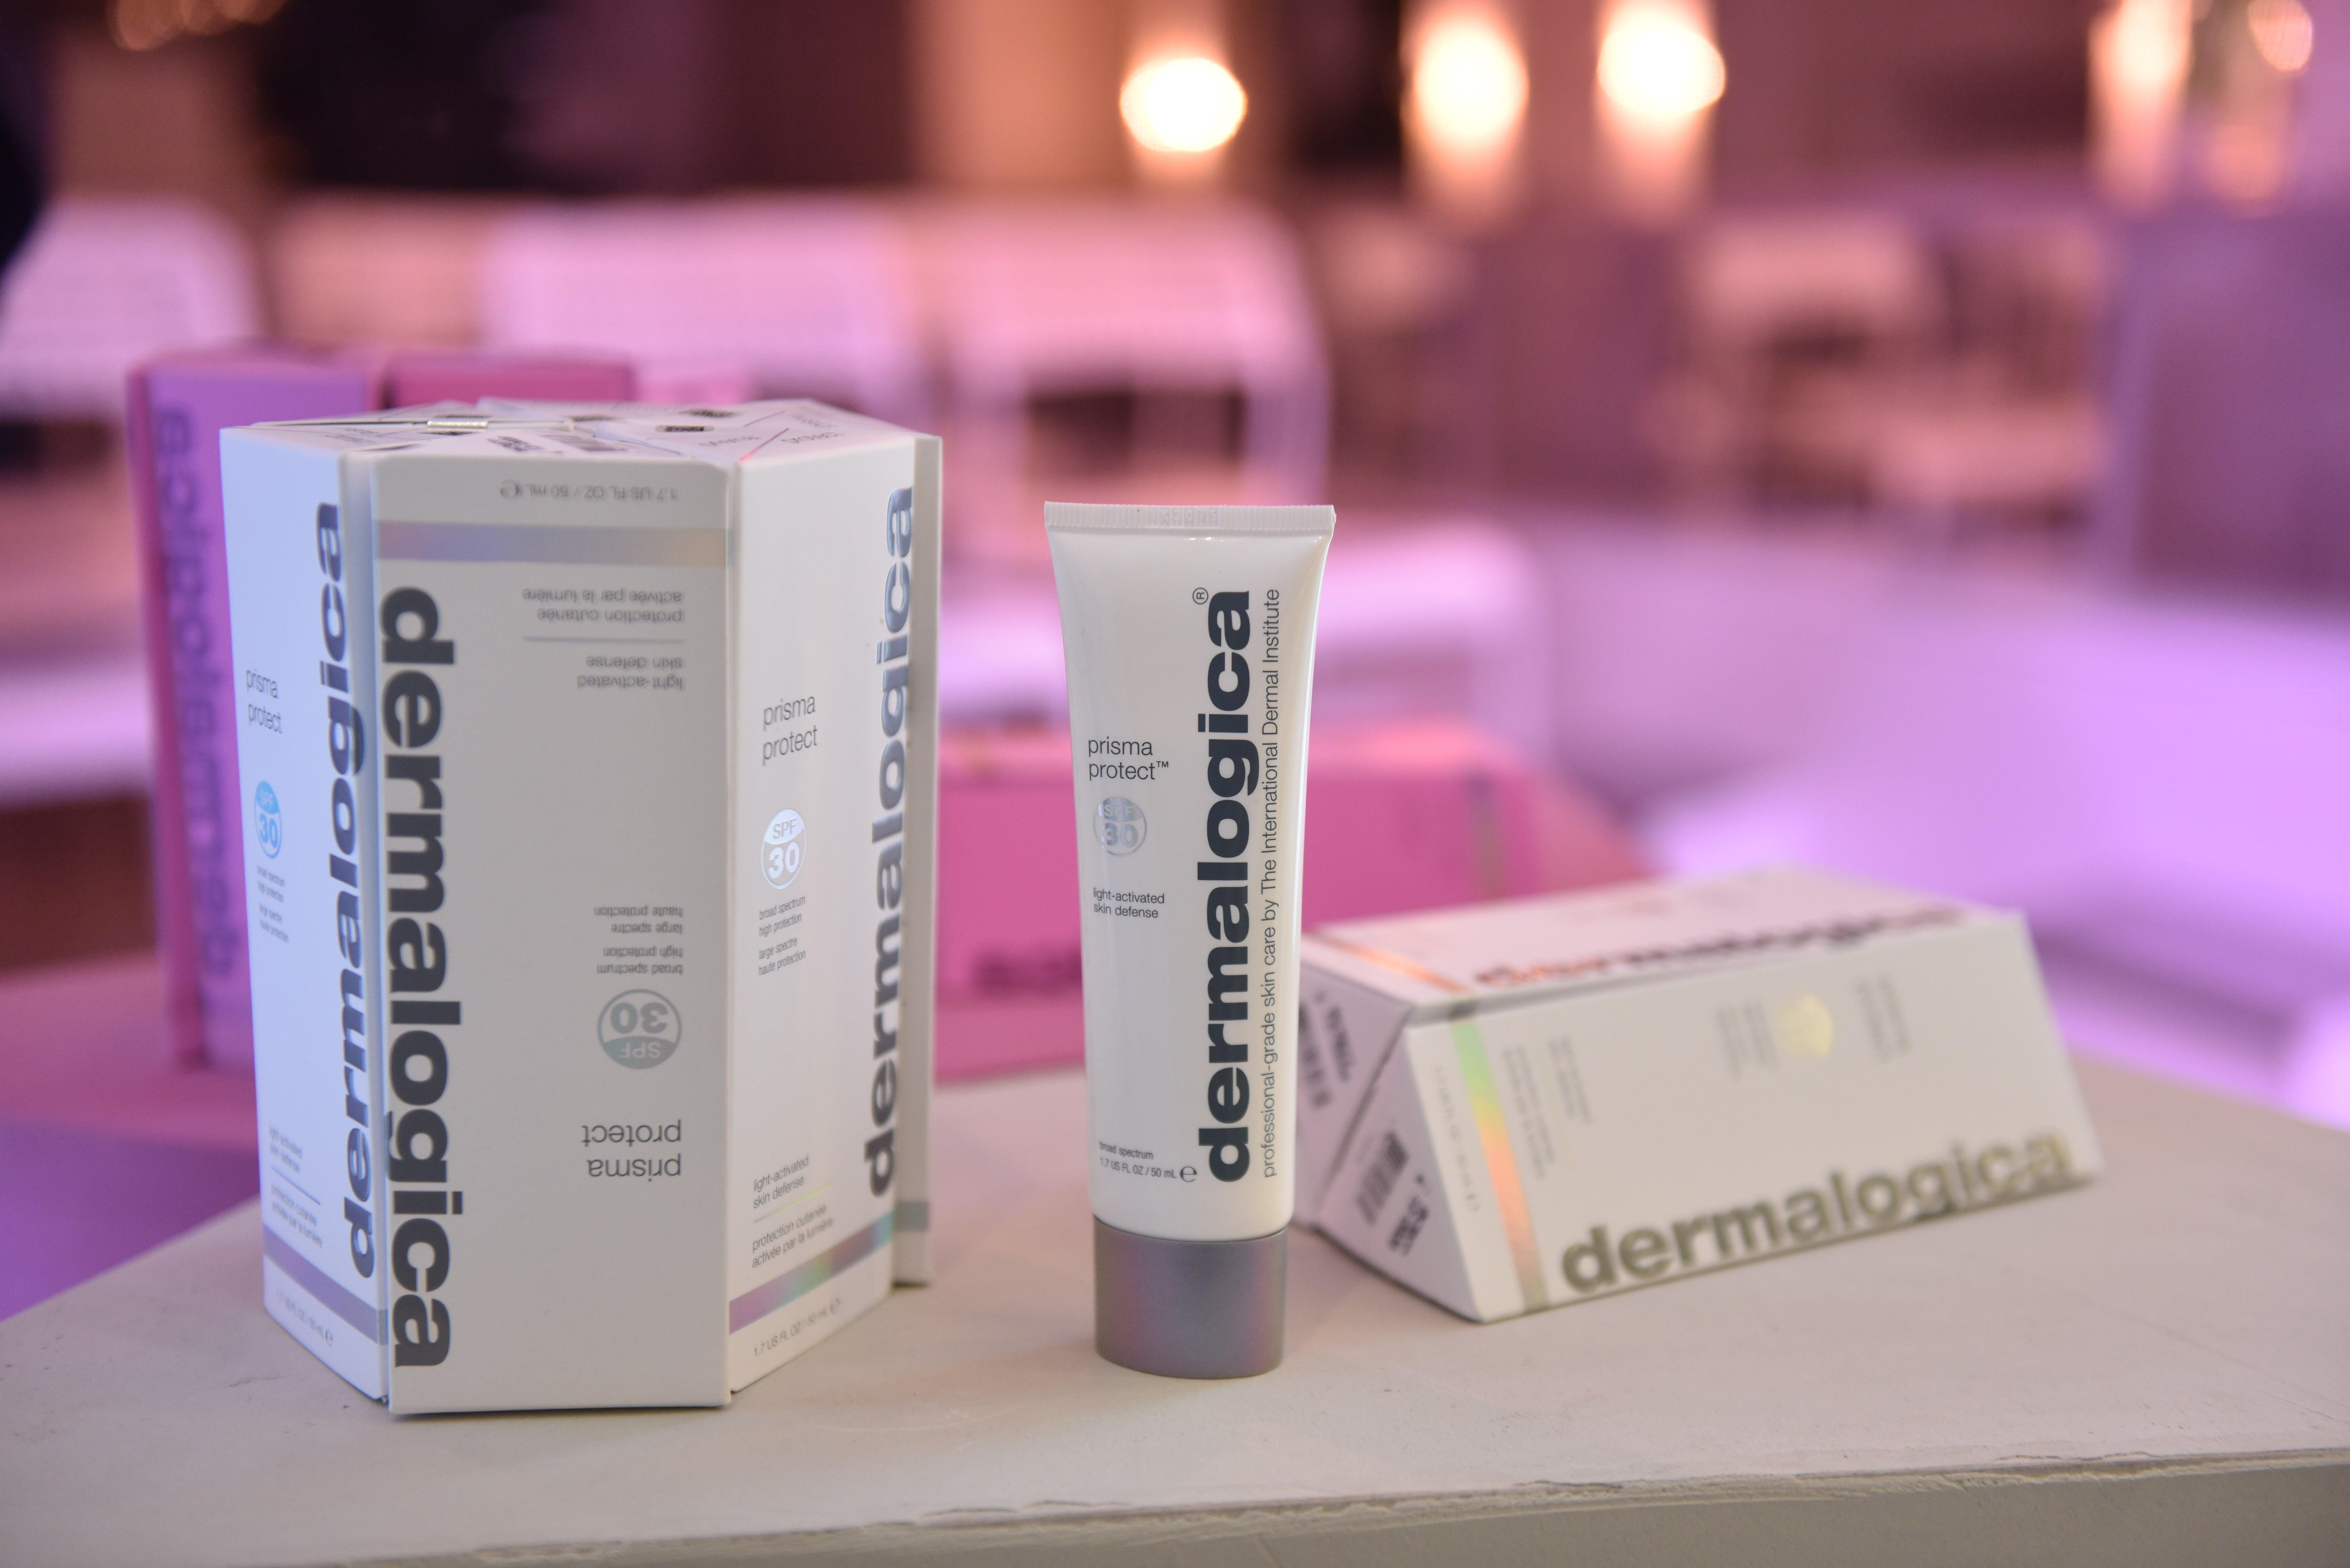 Novitet iz Dermalogice koji će vašoj koži podariti prirodni glow efekt